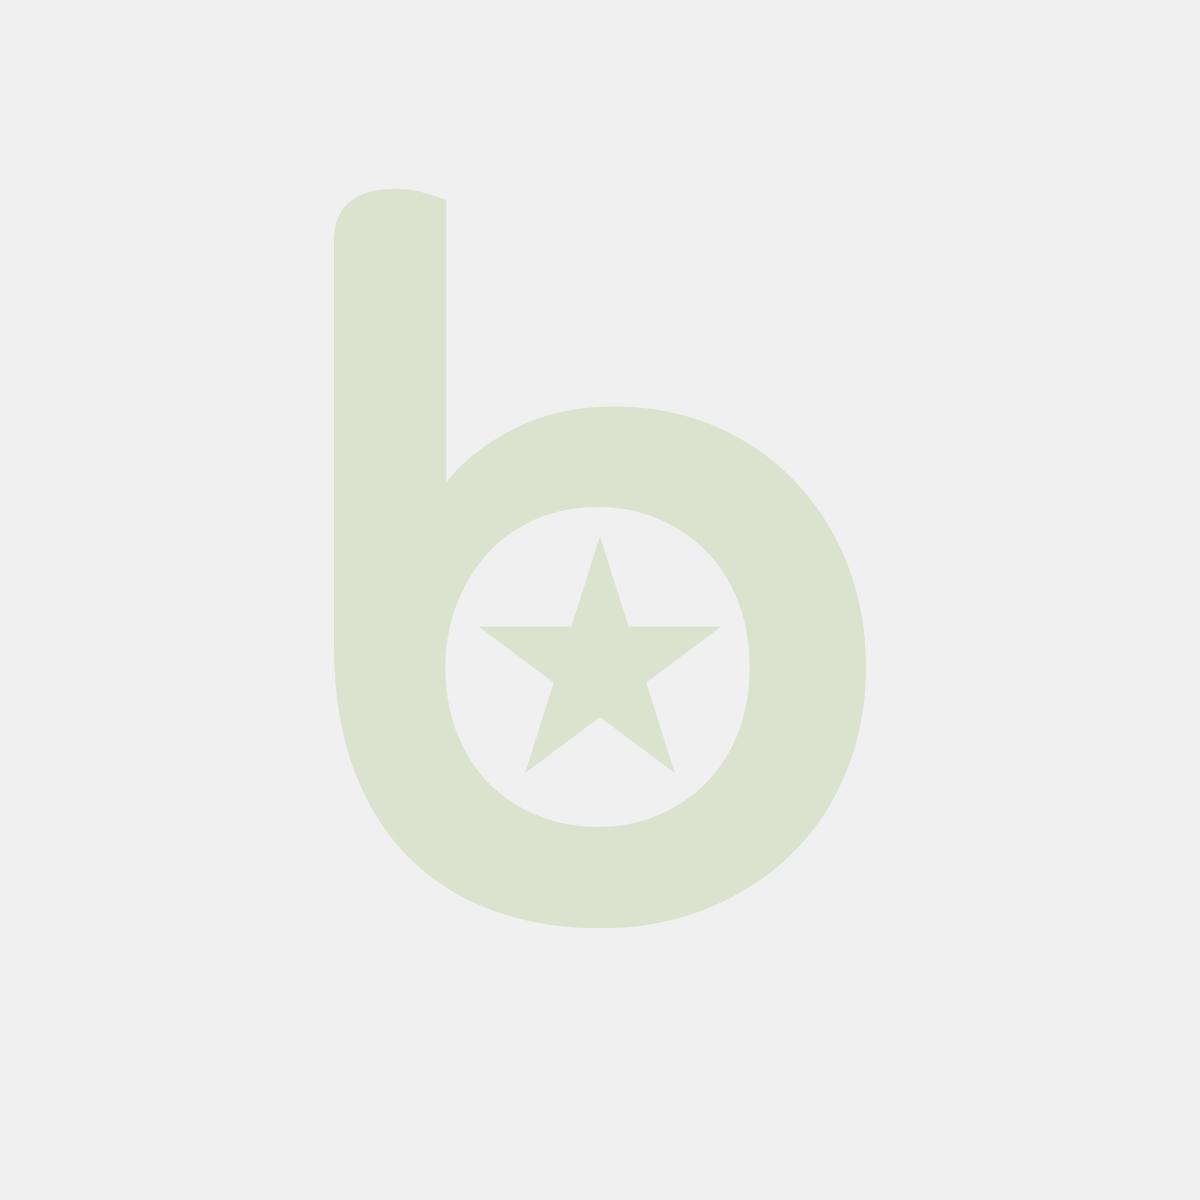 Zszywacz KANGARO Trendy-45M/Z3 + zszywki i rozszywacz, zszywa do 15 kartek, blister, zielony